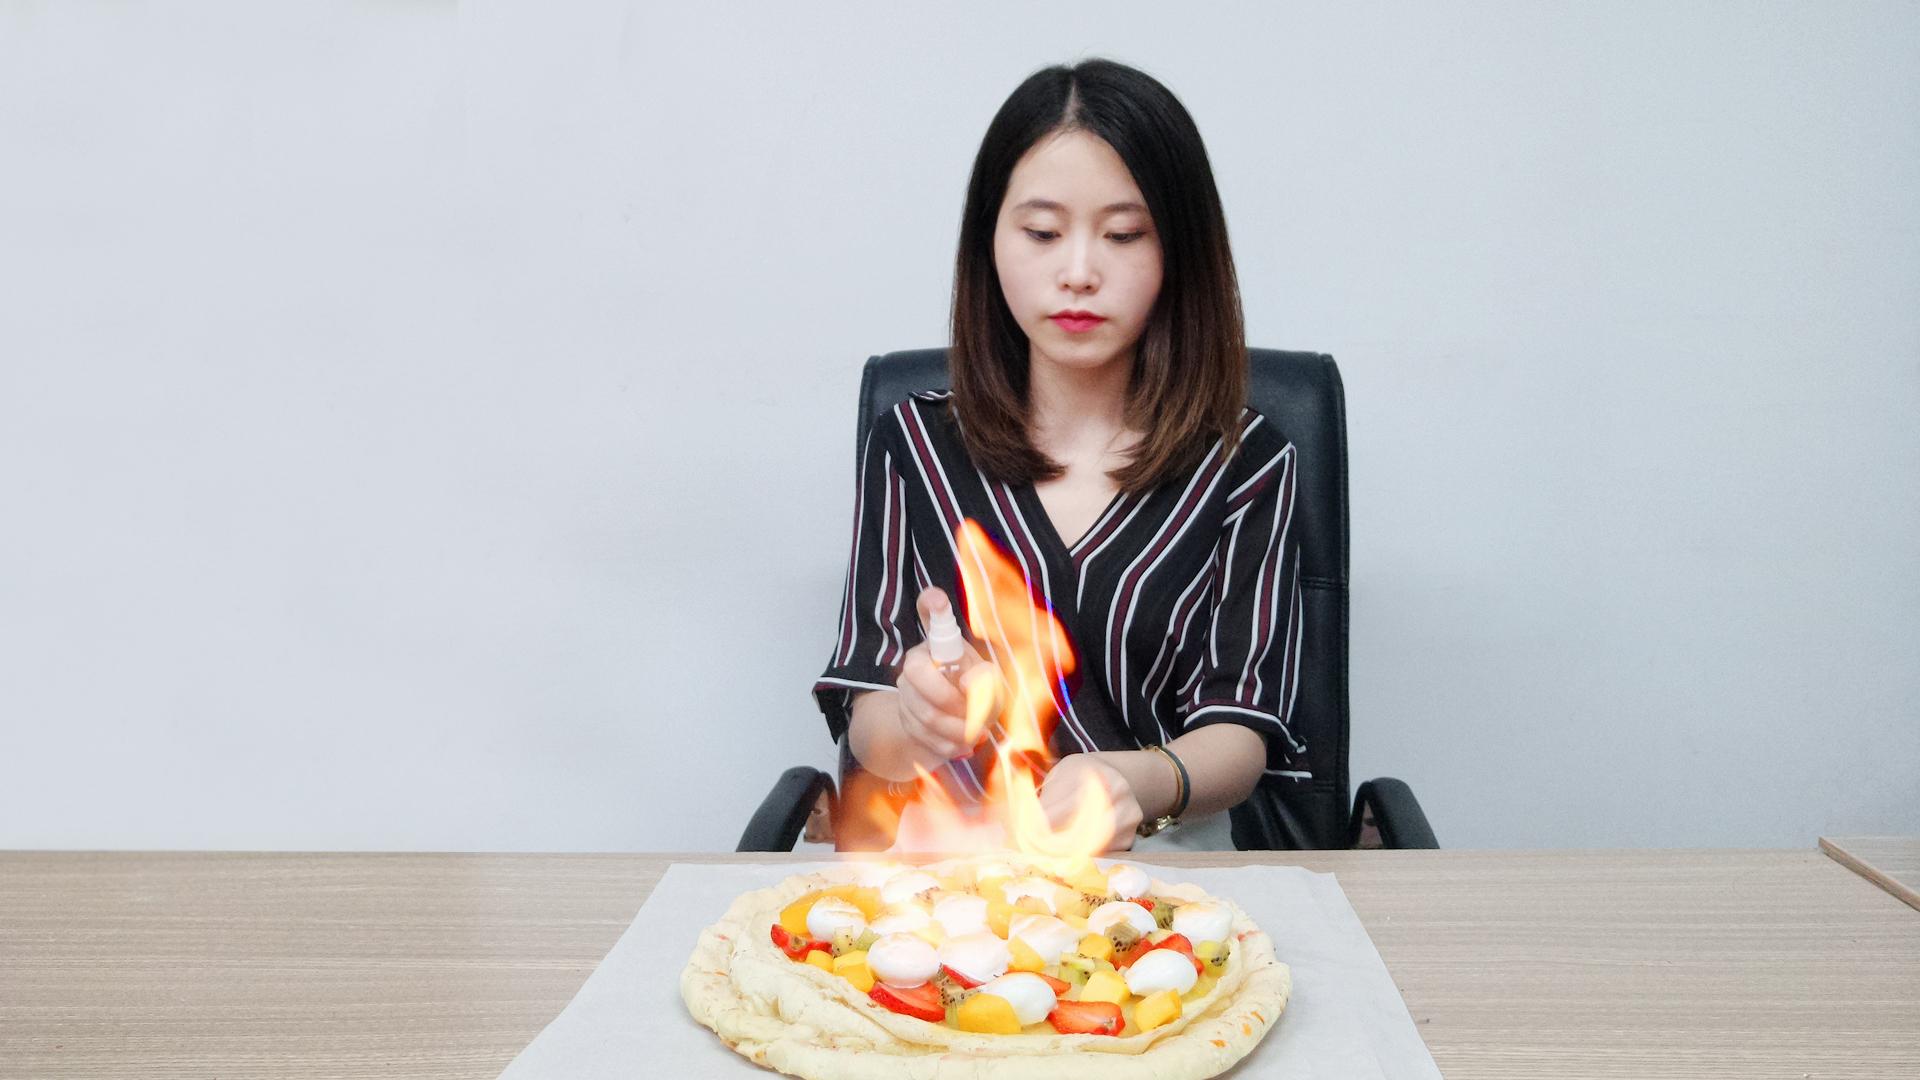 办公室小野火烧榴莲披萨,外焦内韧,比肩必胜客